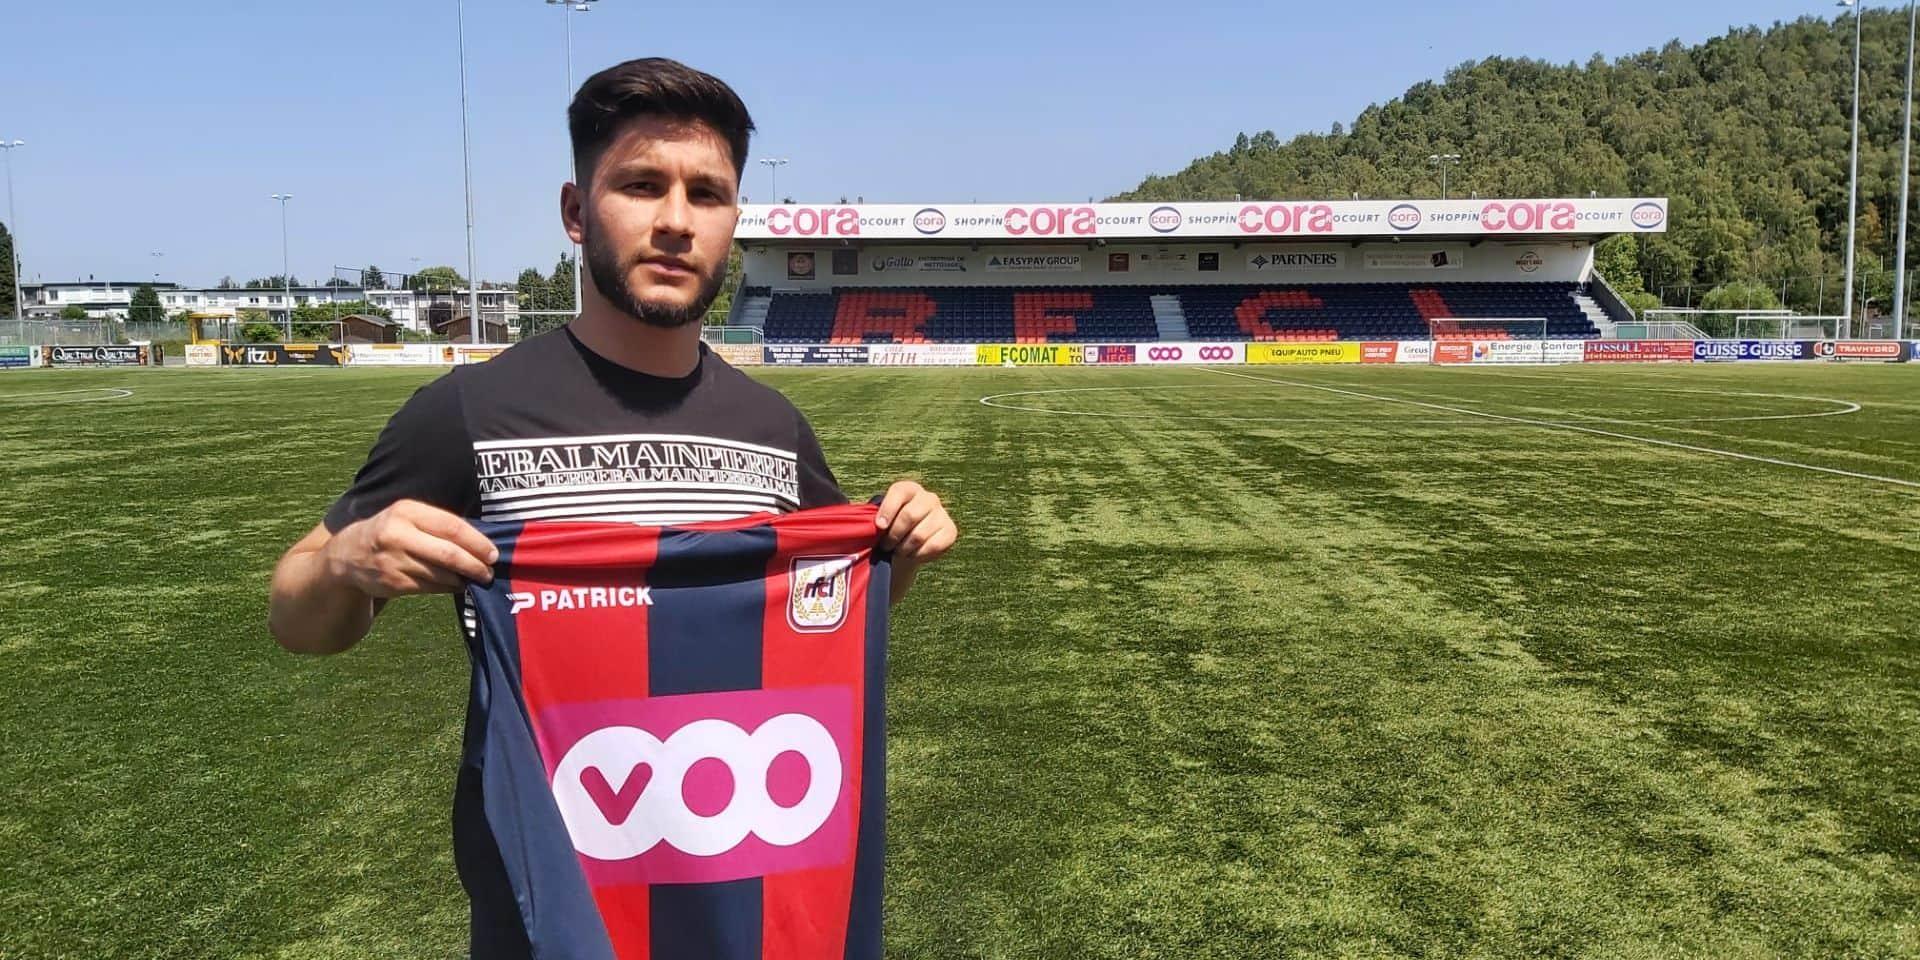 Le RFC Liège transfère un joueur formé au Club de Bruges et confirme plusieurs départs